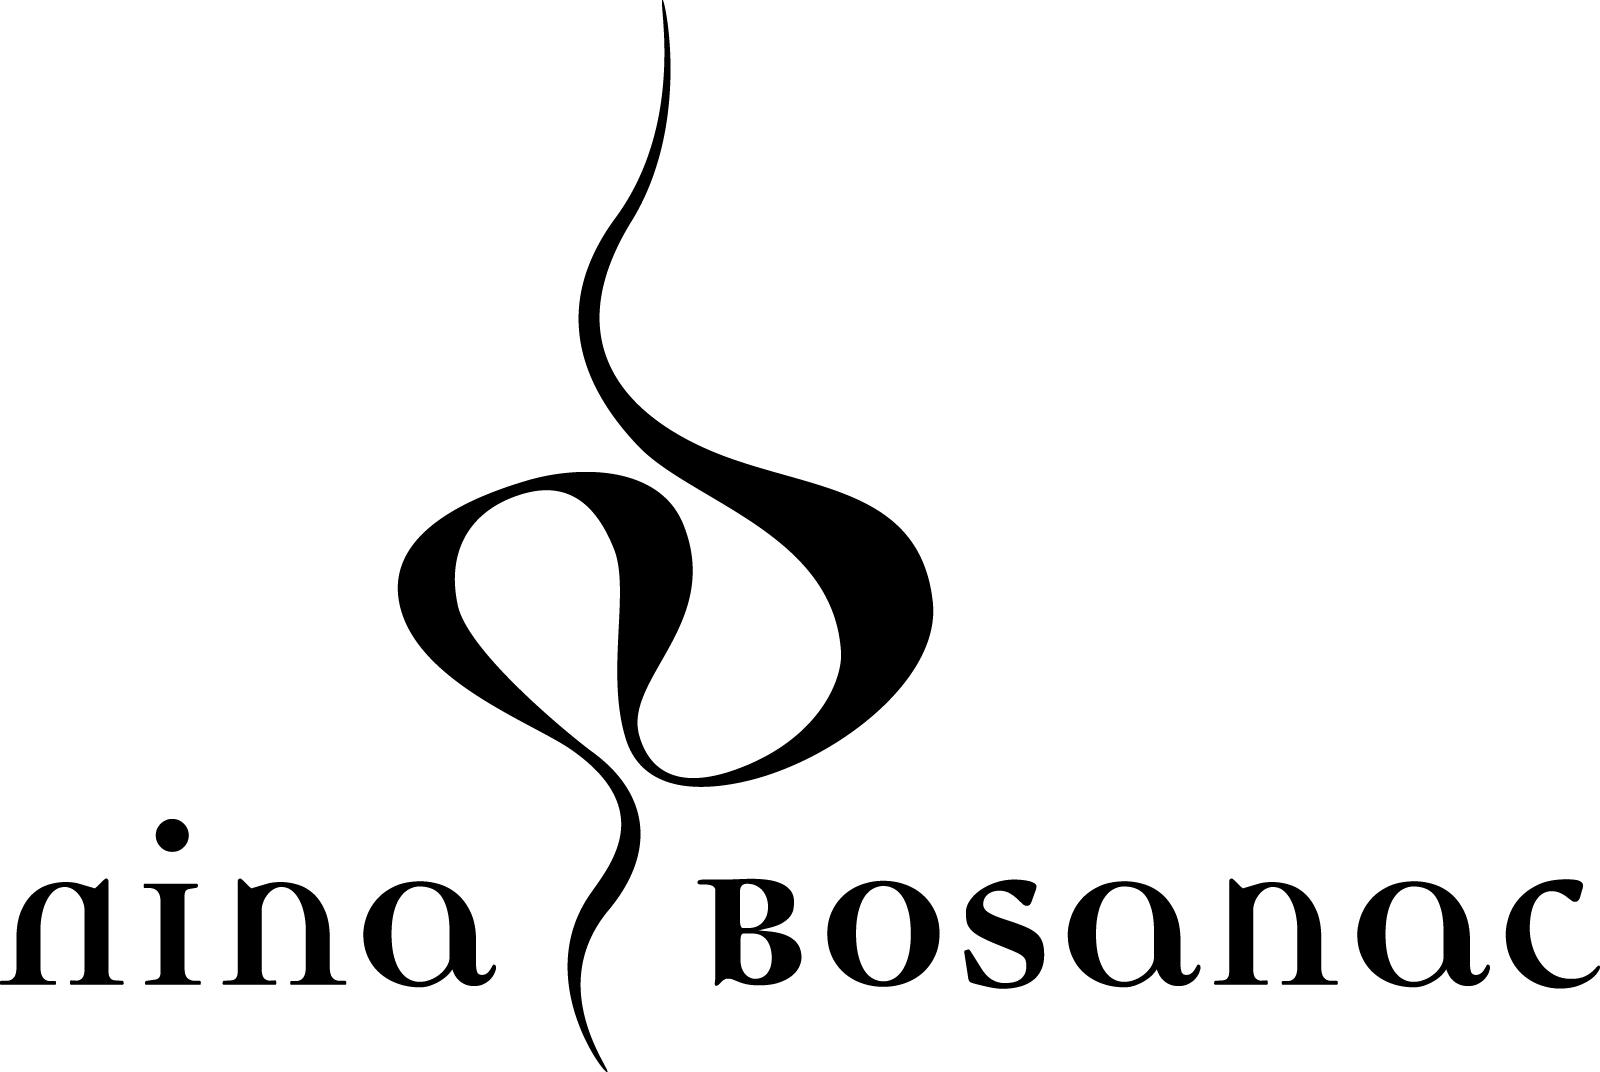 Nina Bosanac Design